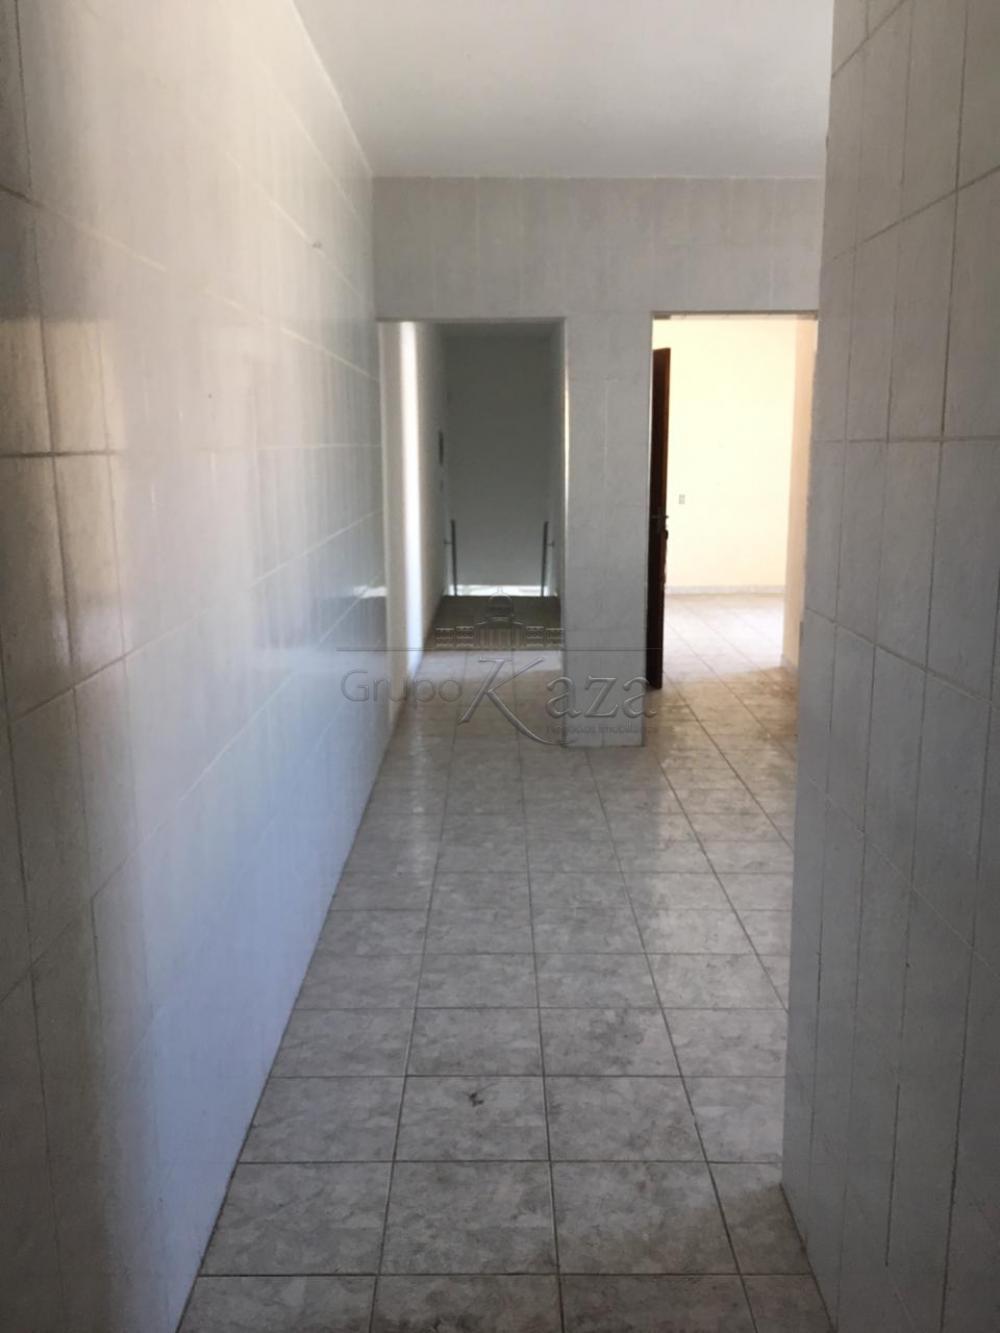 Alugar Casa / Padrão em São José dos Campos apenas R$ 1.200,00 - Foto 12